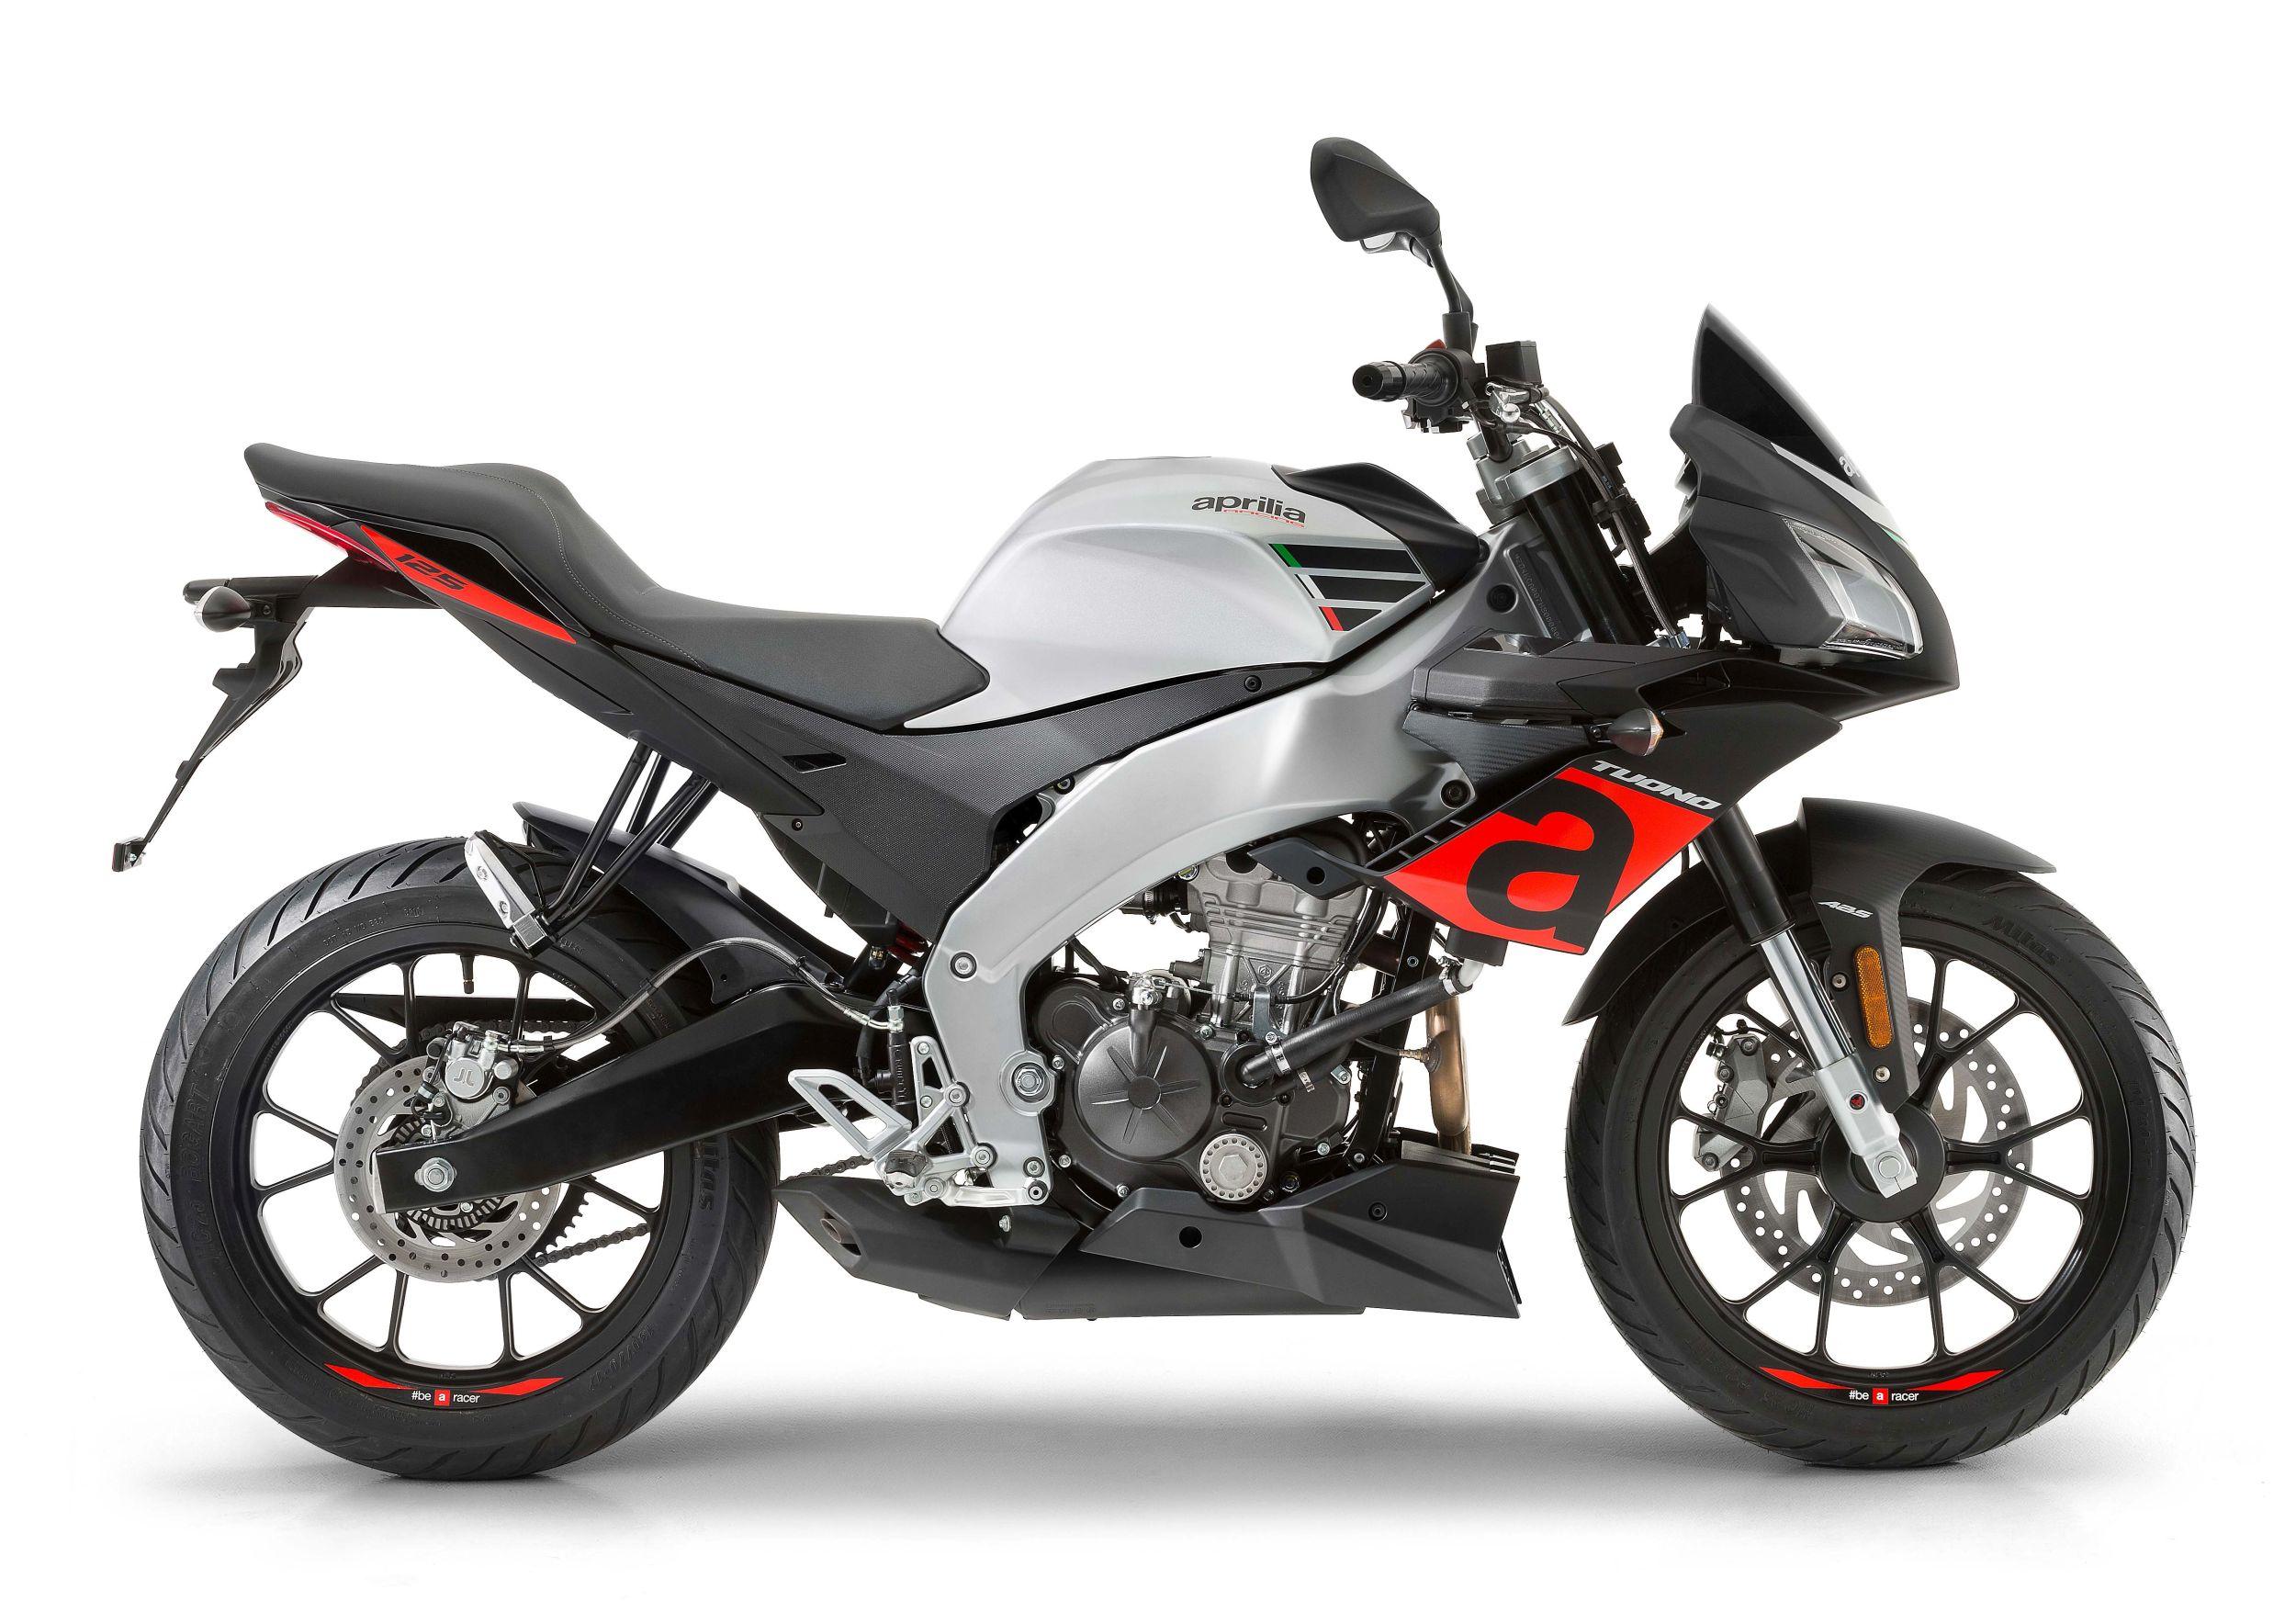 Gebrauchte und neue Aprilia Tuono 125 Motorräder kaufen | 2500 x 1743 jpeg 506kB